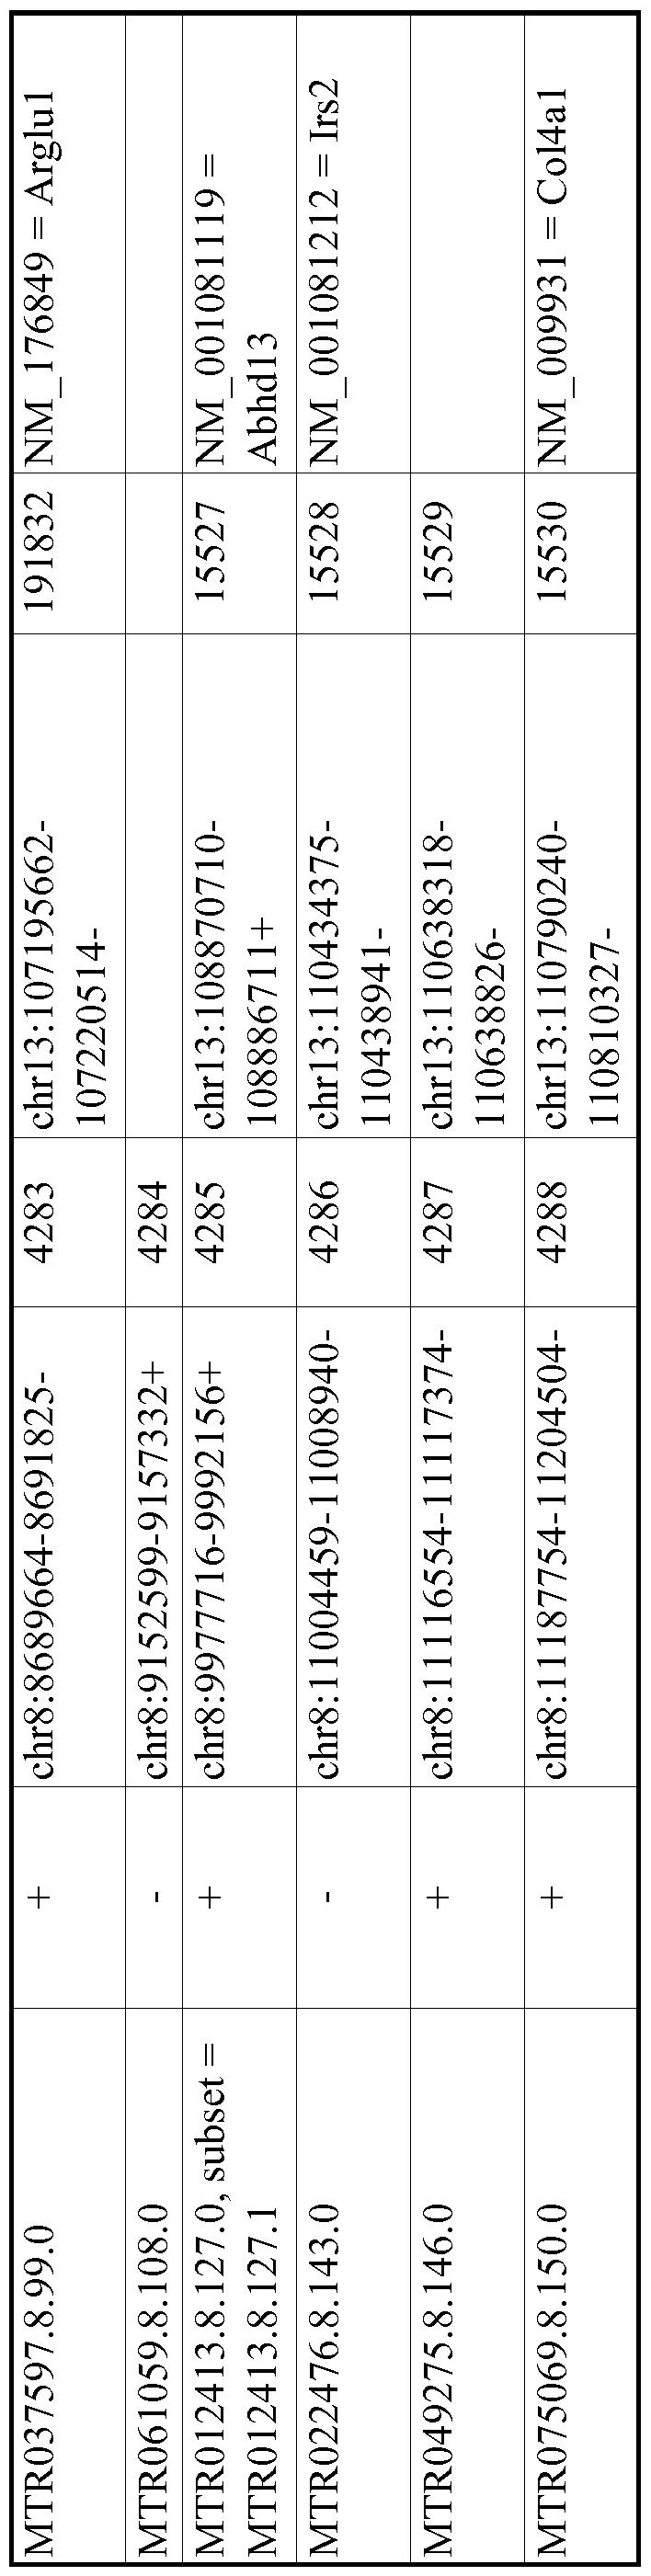 Figure imgf000809_0001